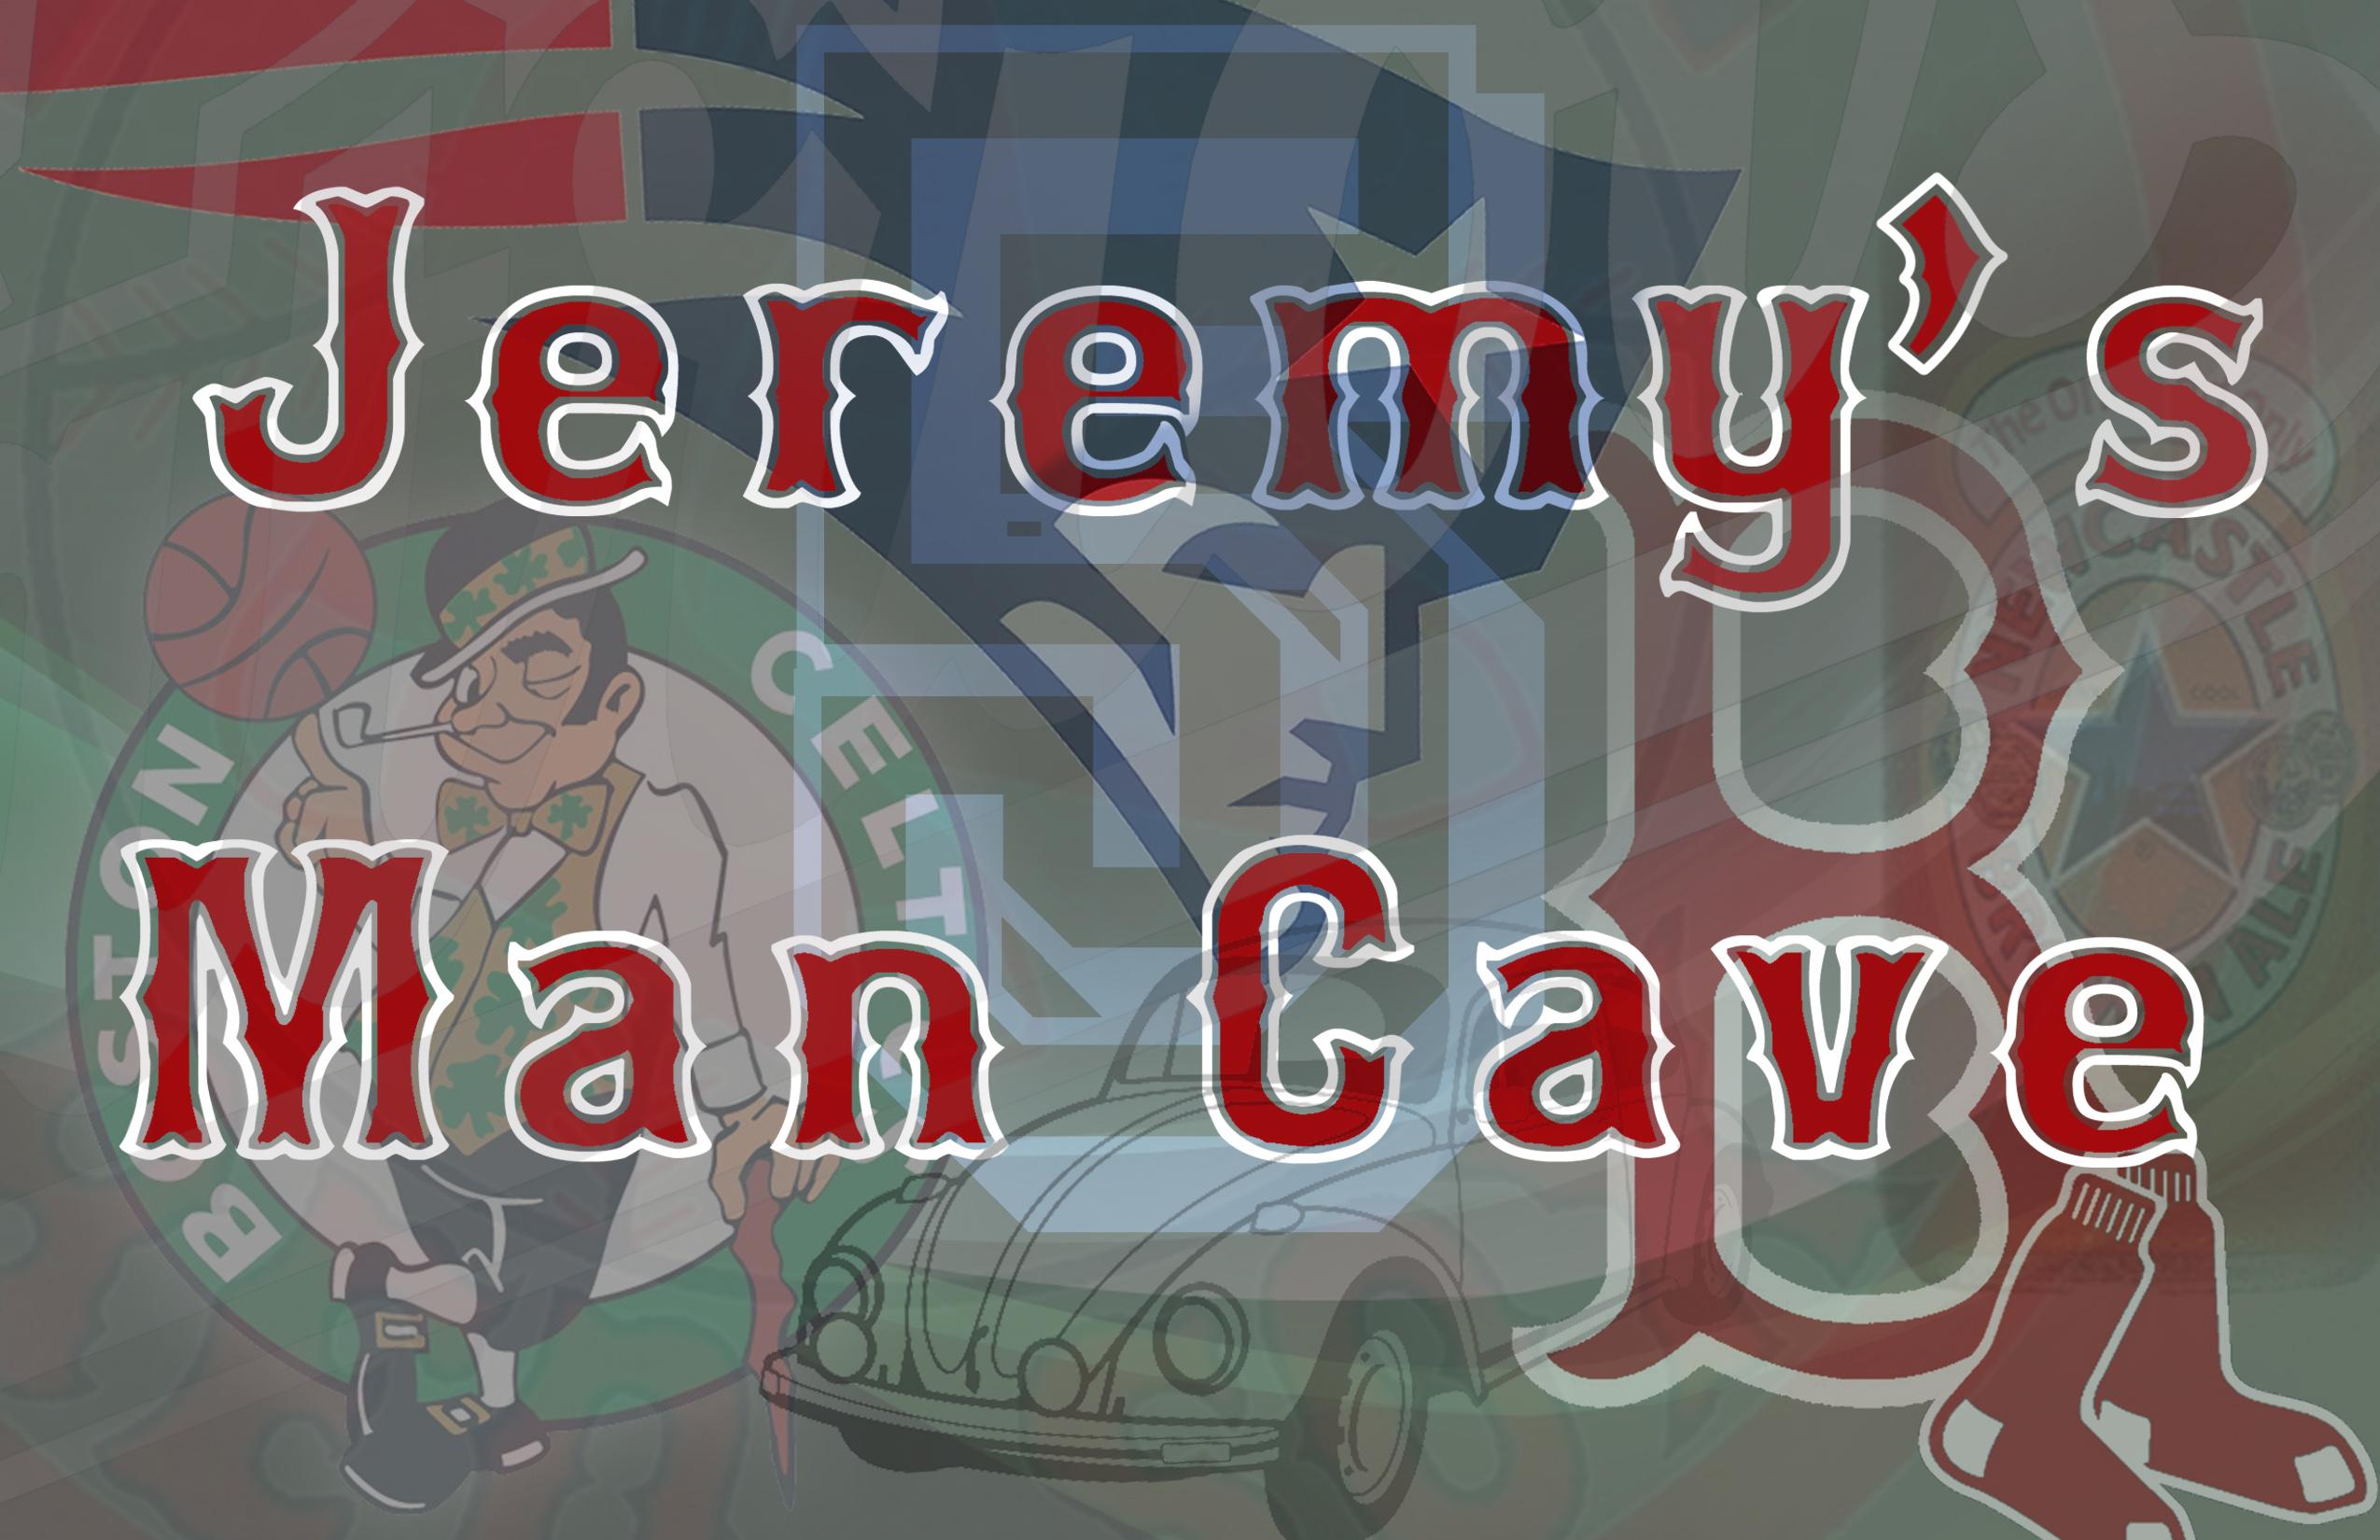 Jeremy's Man Cave